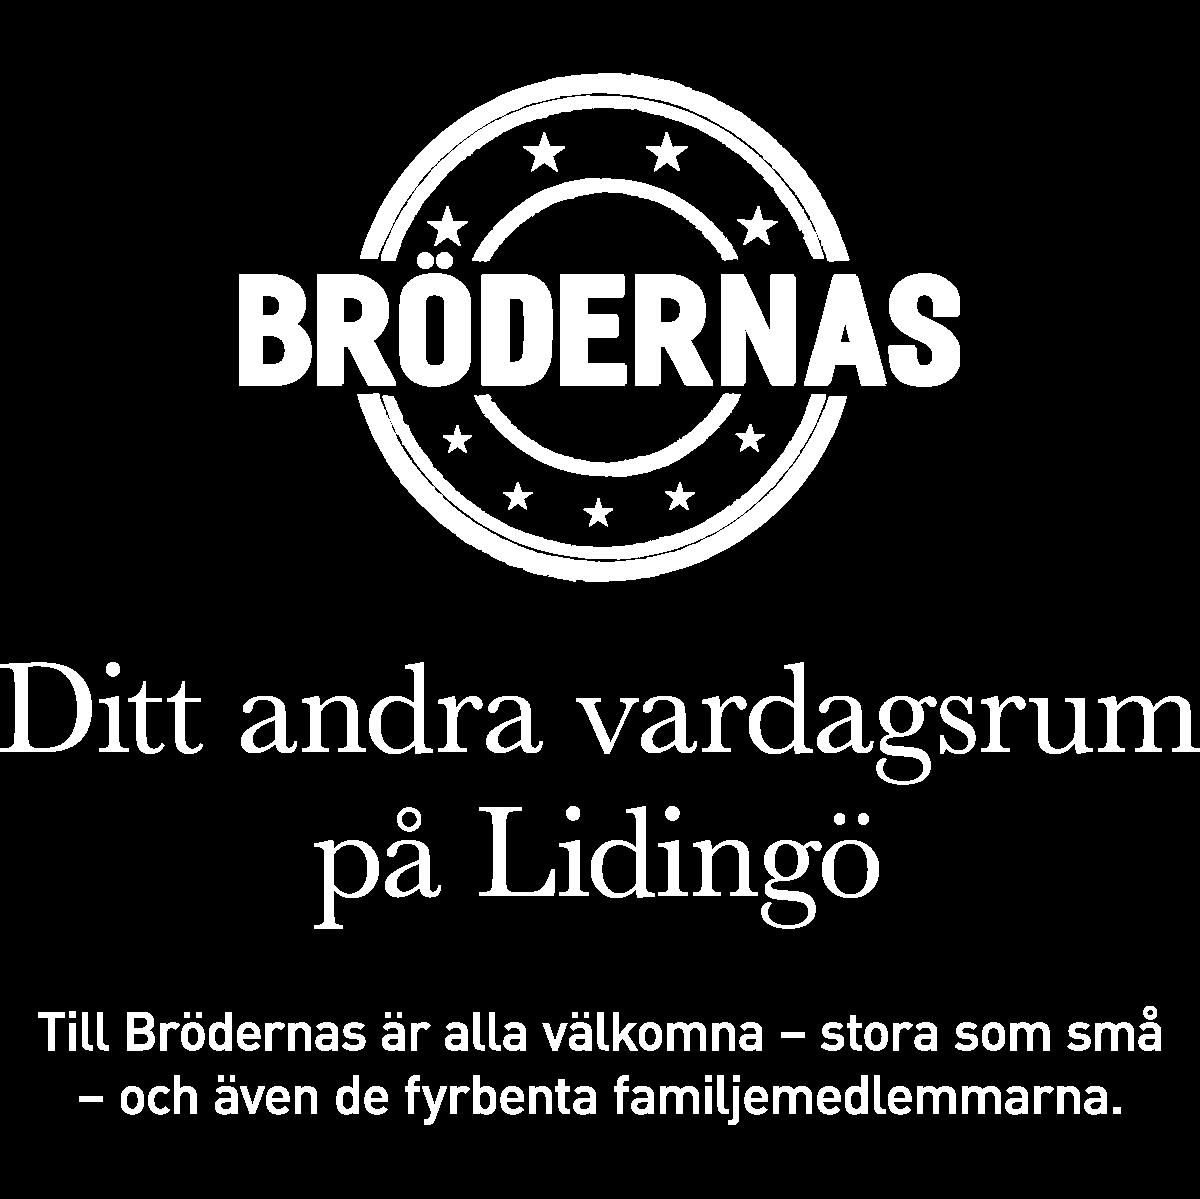 Brödernas – ditt andra vardagsrum på Lidingö